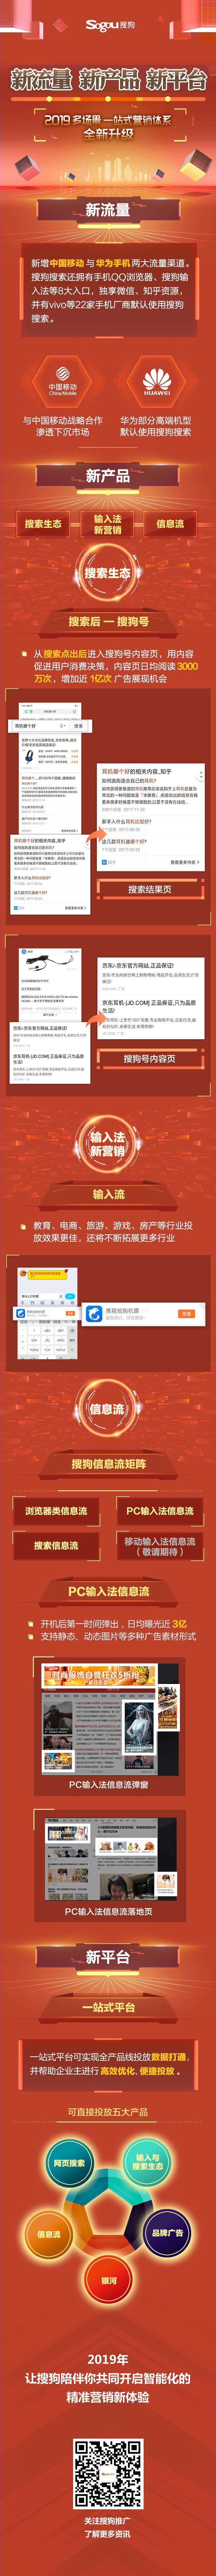 """搜狗""""多场景一站式""""营销体系"""